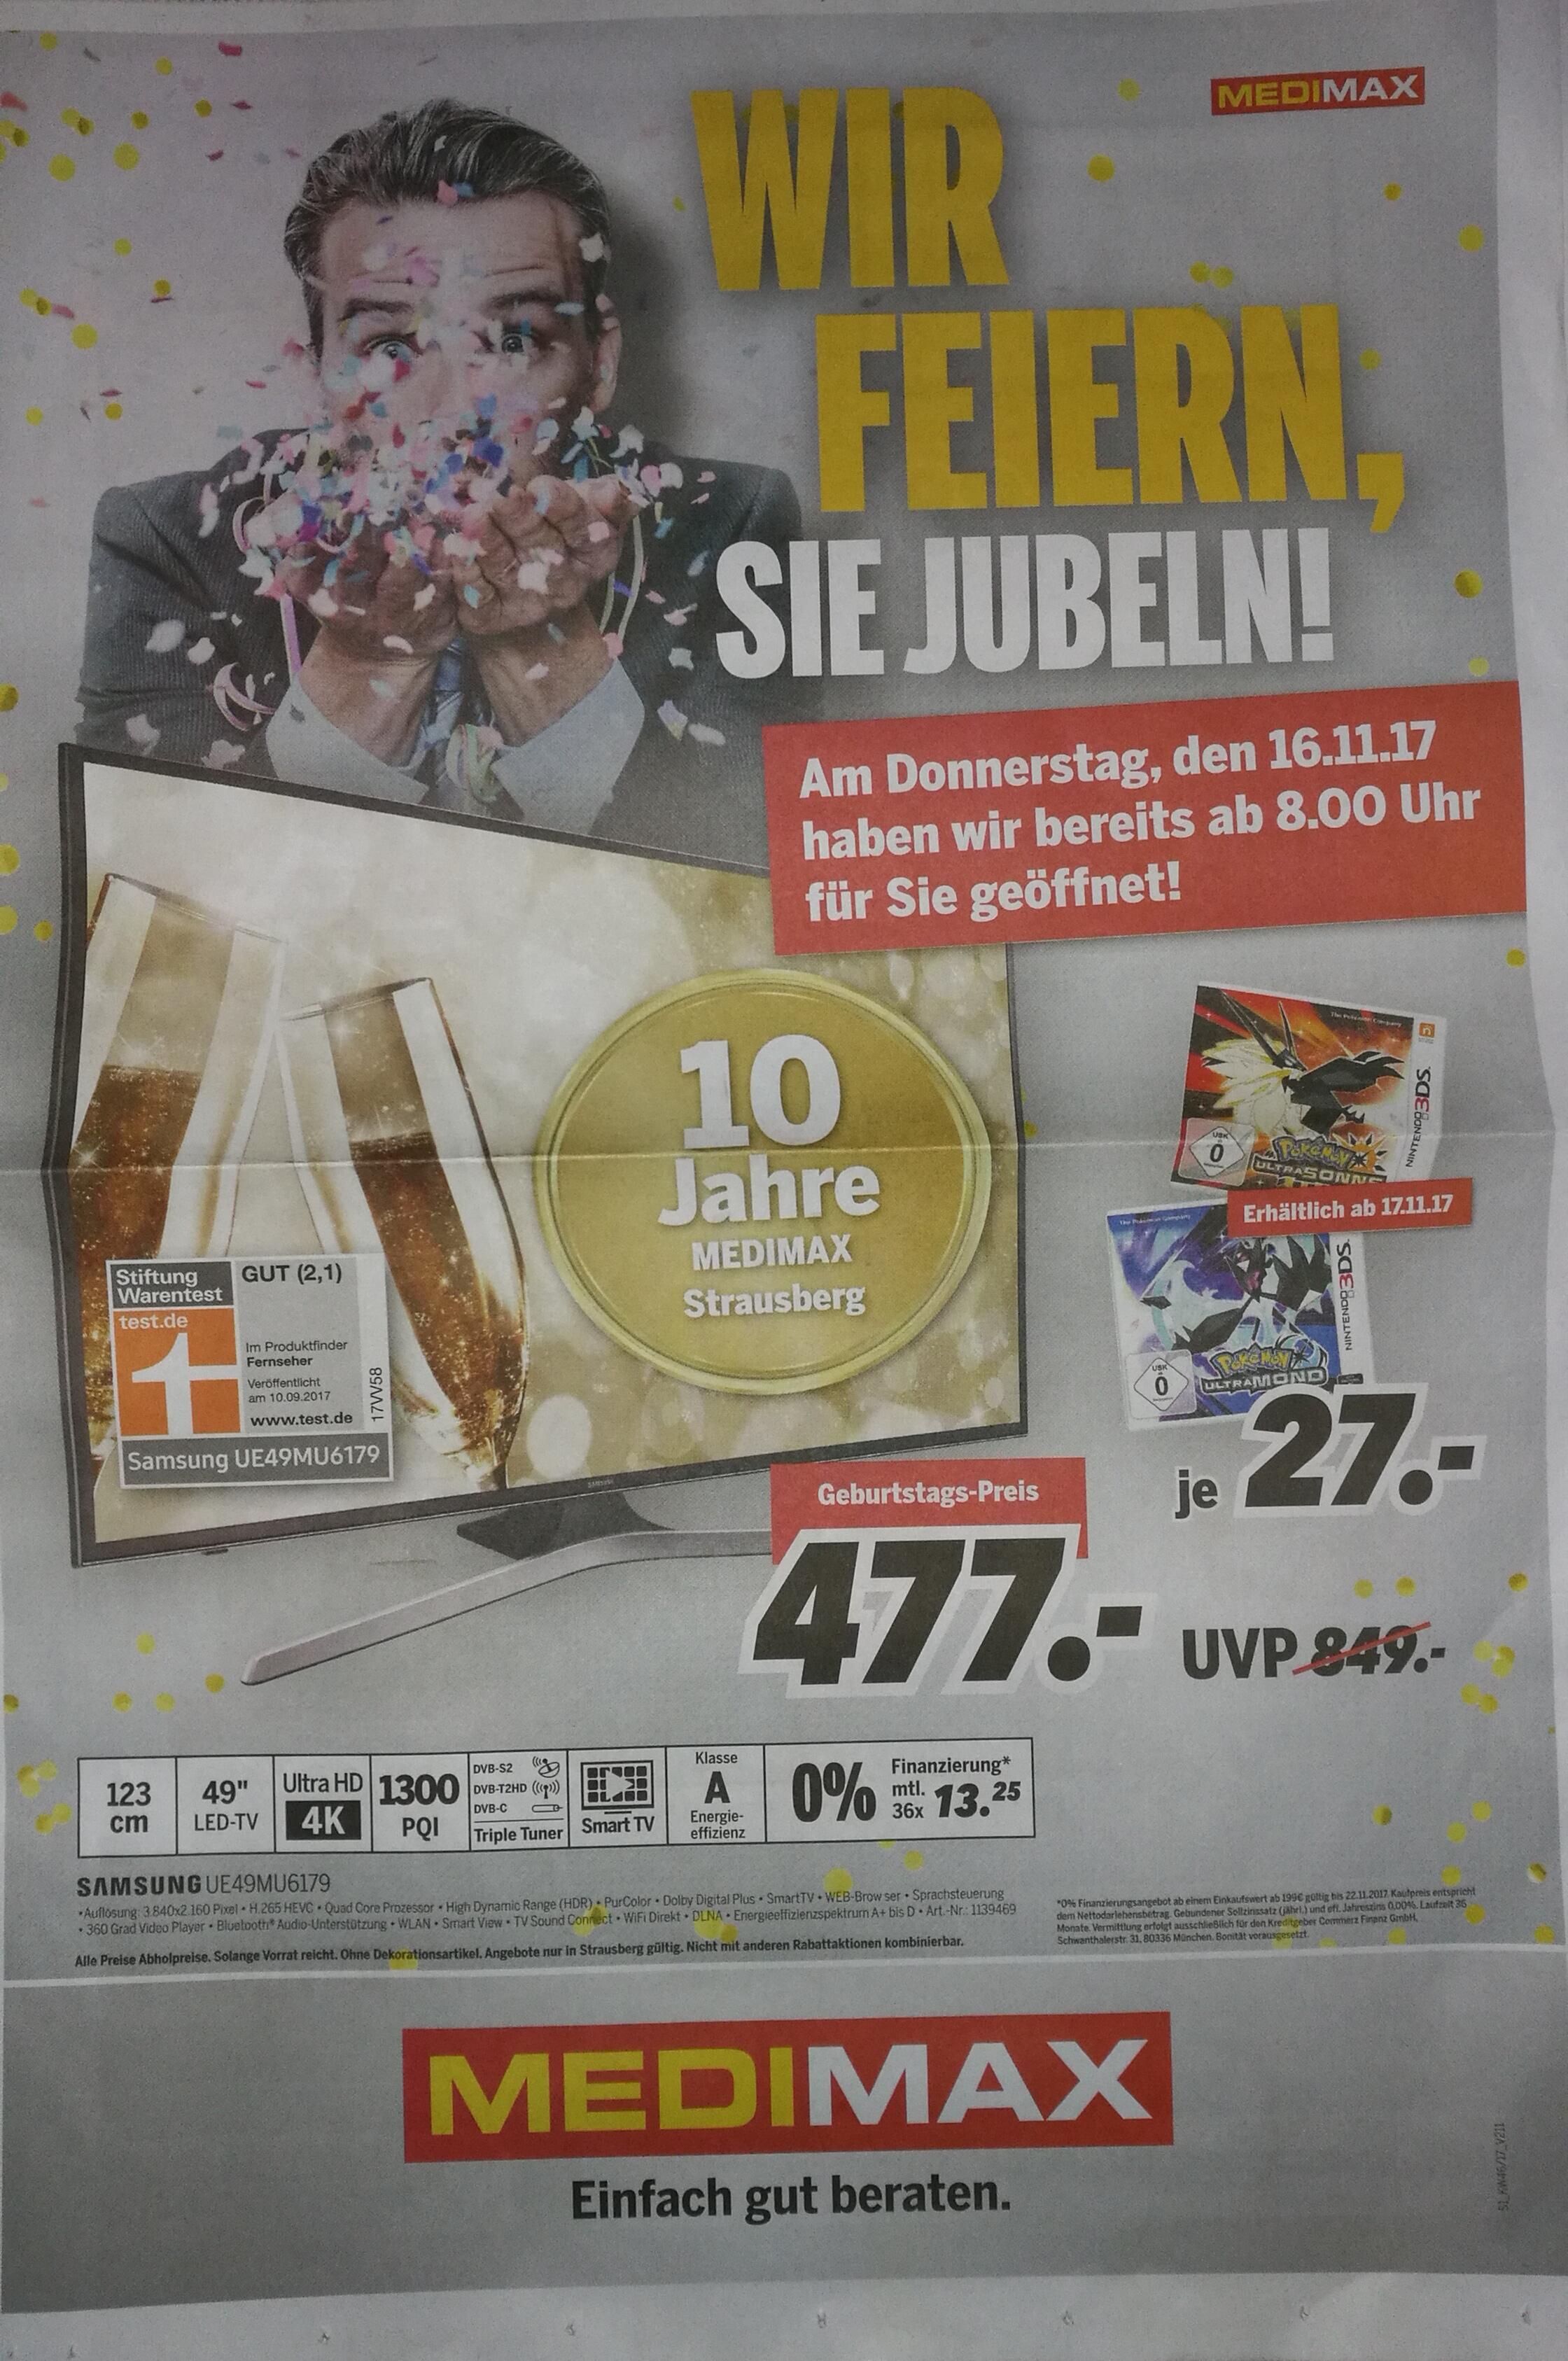 [Lokal] Medimax Strausberg Geburtstagsdeal z.B. Sonos Play:1 (weiß/schwarz) für 166€